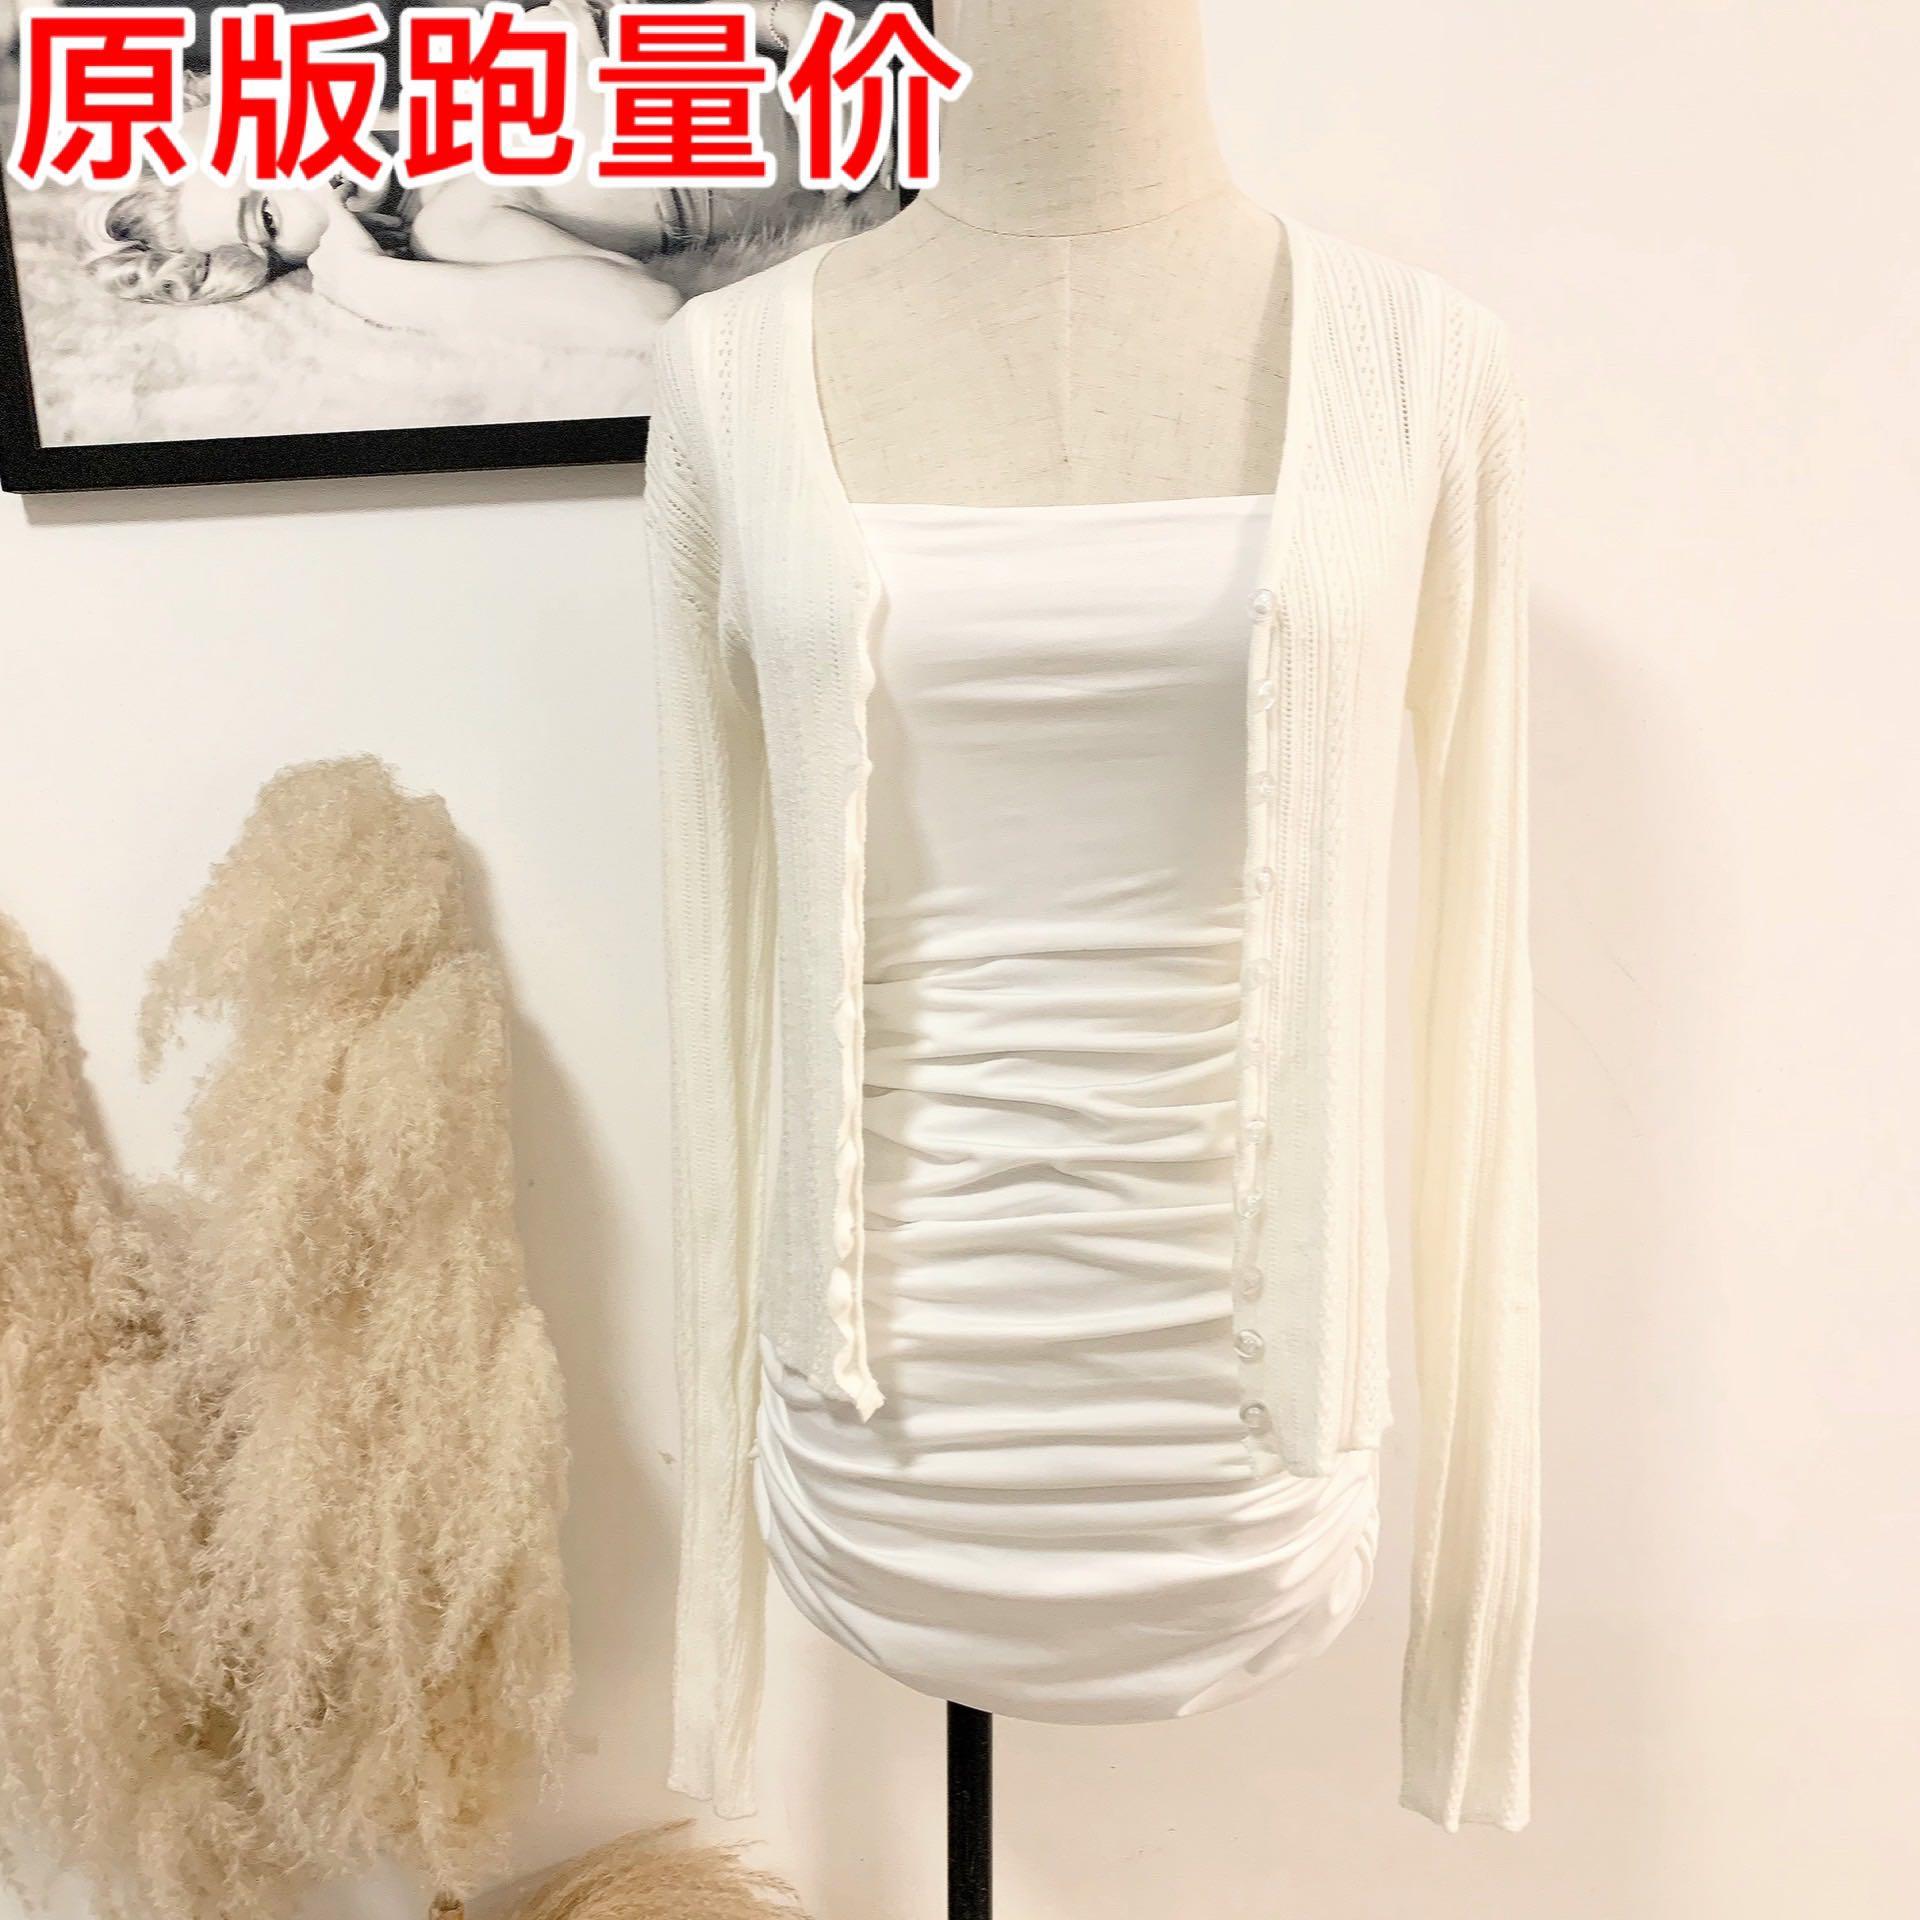 针织衫开衫 NINASTUDIO  白白的温柔少女系 轻薄针织衫 开衫 防晒衫 上衣_推荐淘宝好看的女开衫针织衫